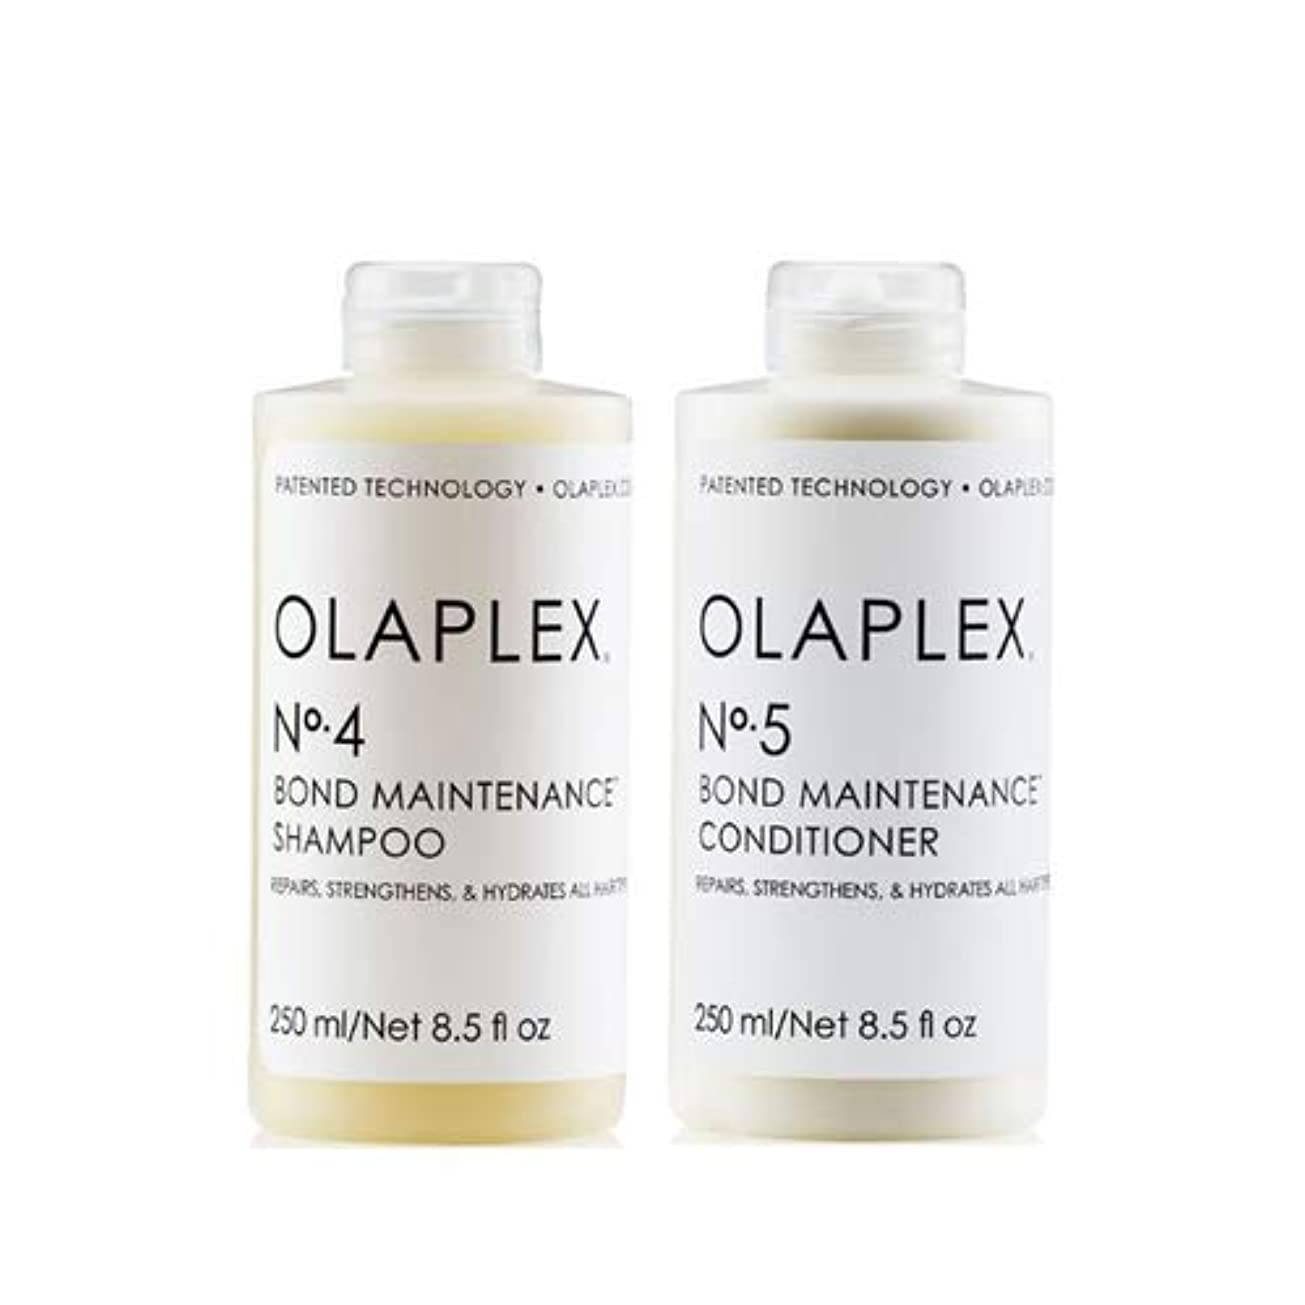 恐怖忠誠テーブルを設定するOlaplex オラプレックス No. 4 5 ボンド メンテナンス シャンプー&コンディショナー Olaplex Bond Maintenance Shampoo & Conditioner 【並行輸入品】